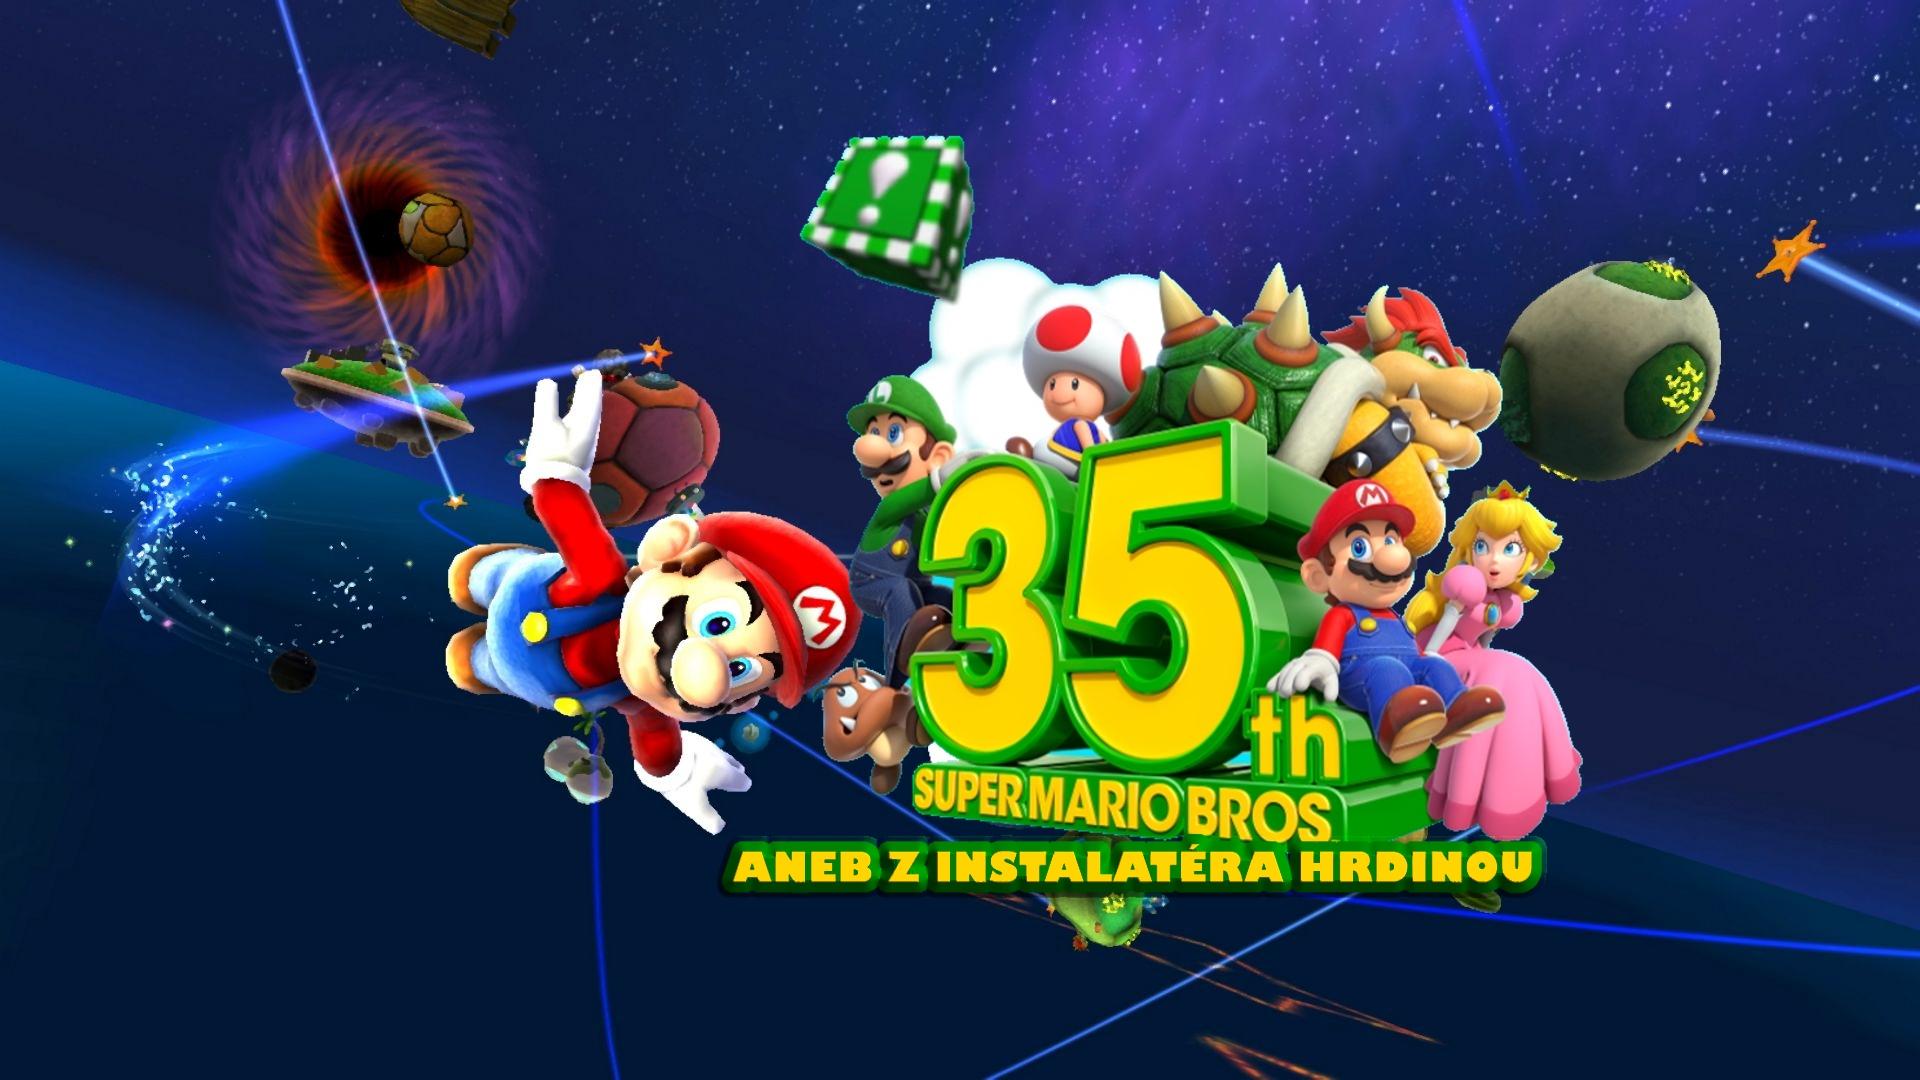 35. výročí Super Mario Bros. aneb od instalatéra k hrdinovi